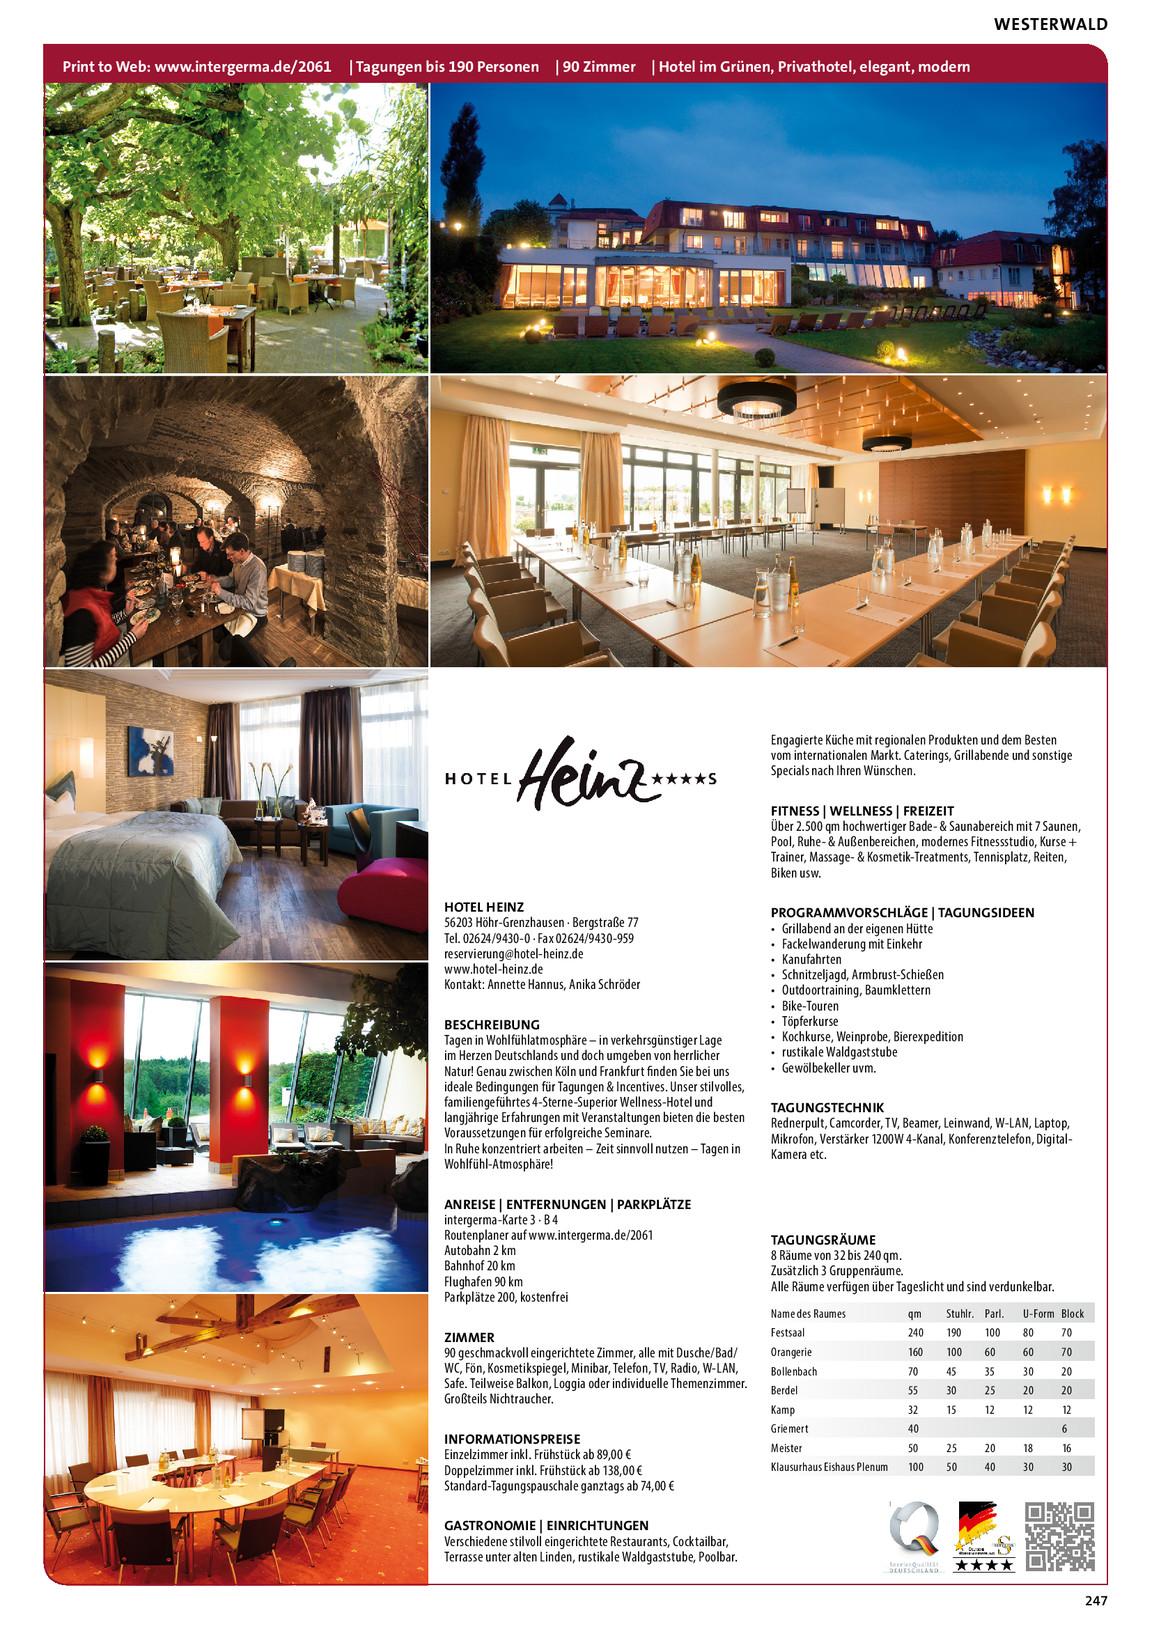 Intergerma Hotels Tagungsstatten Cim Magazine